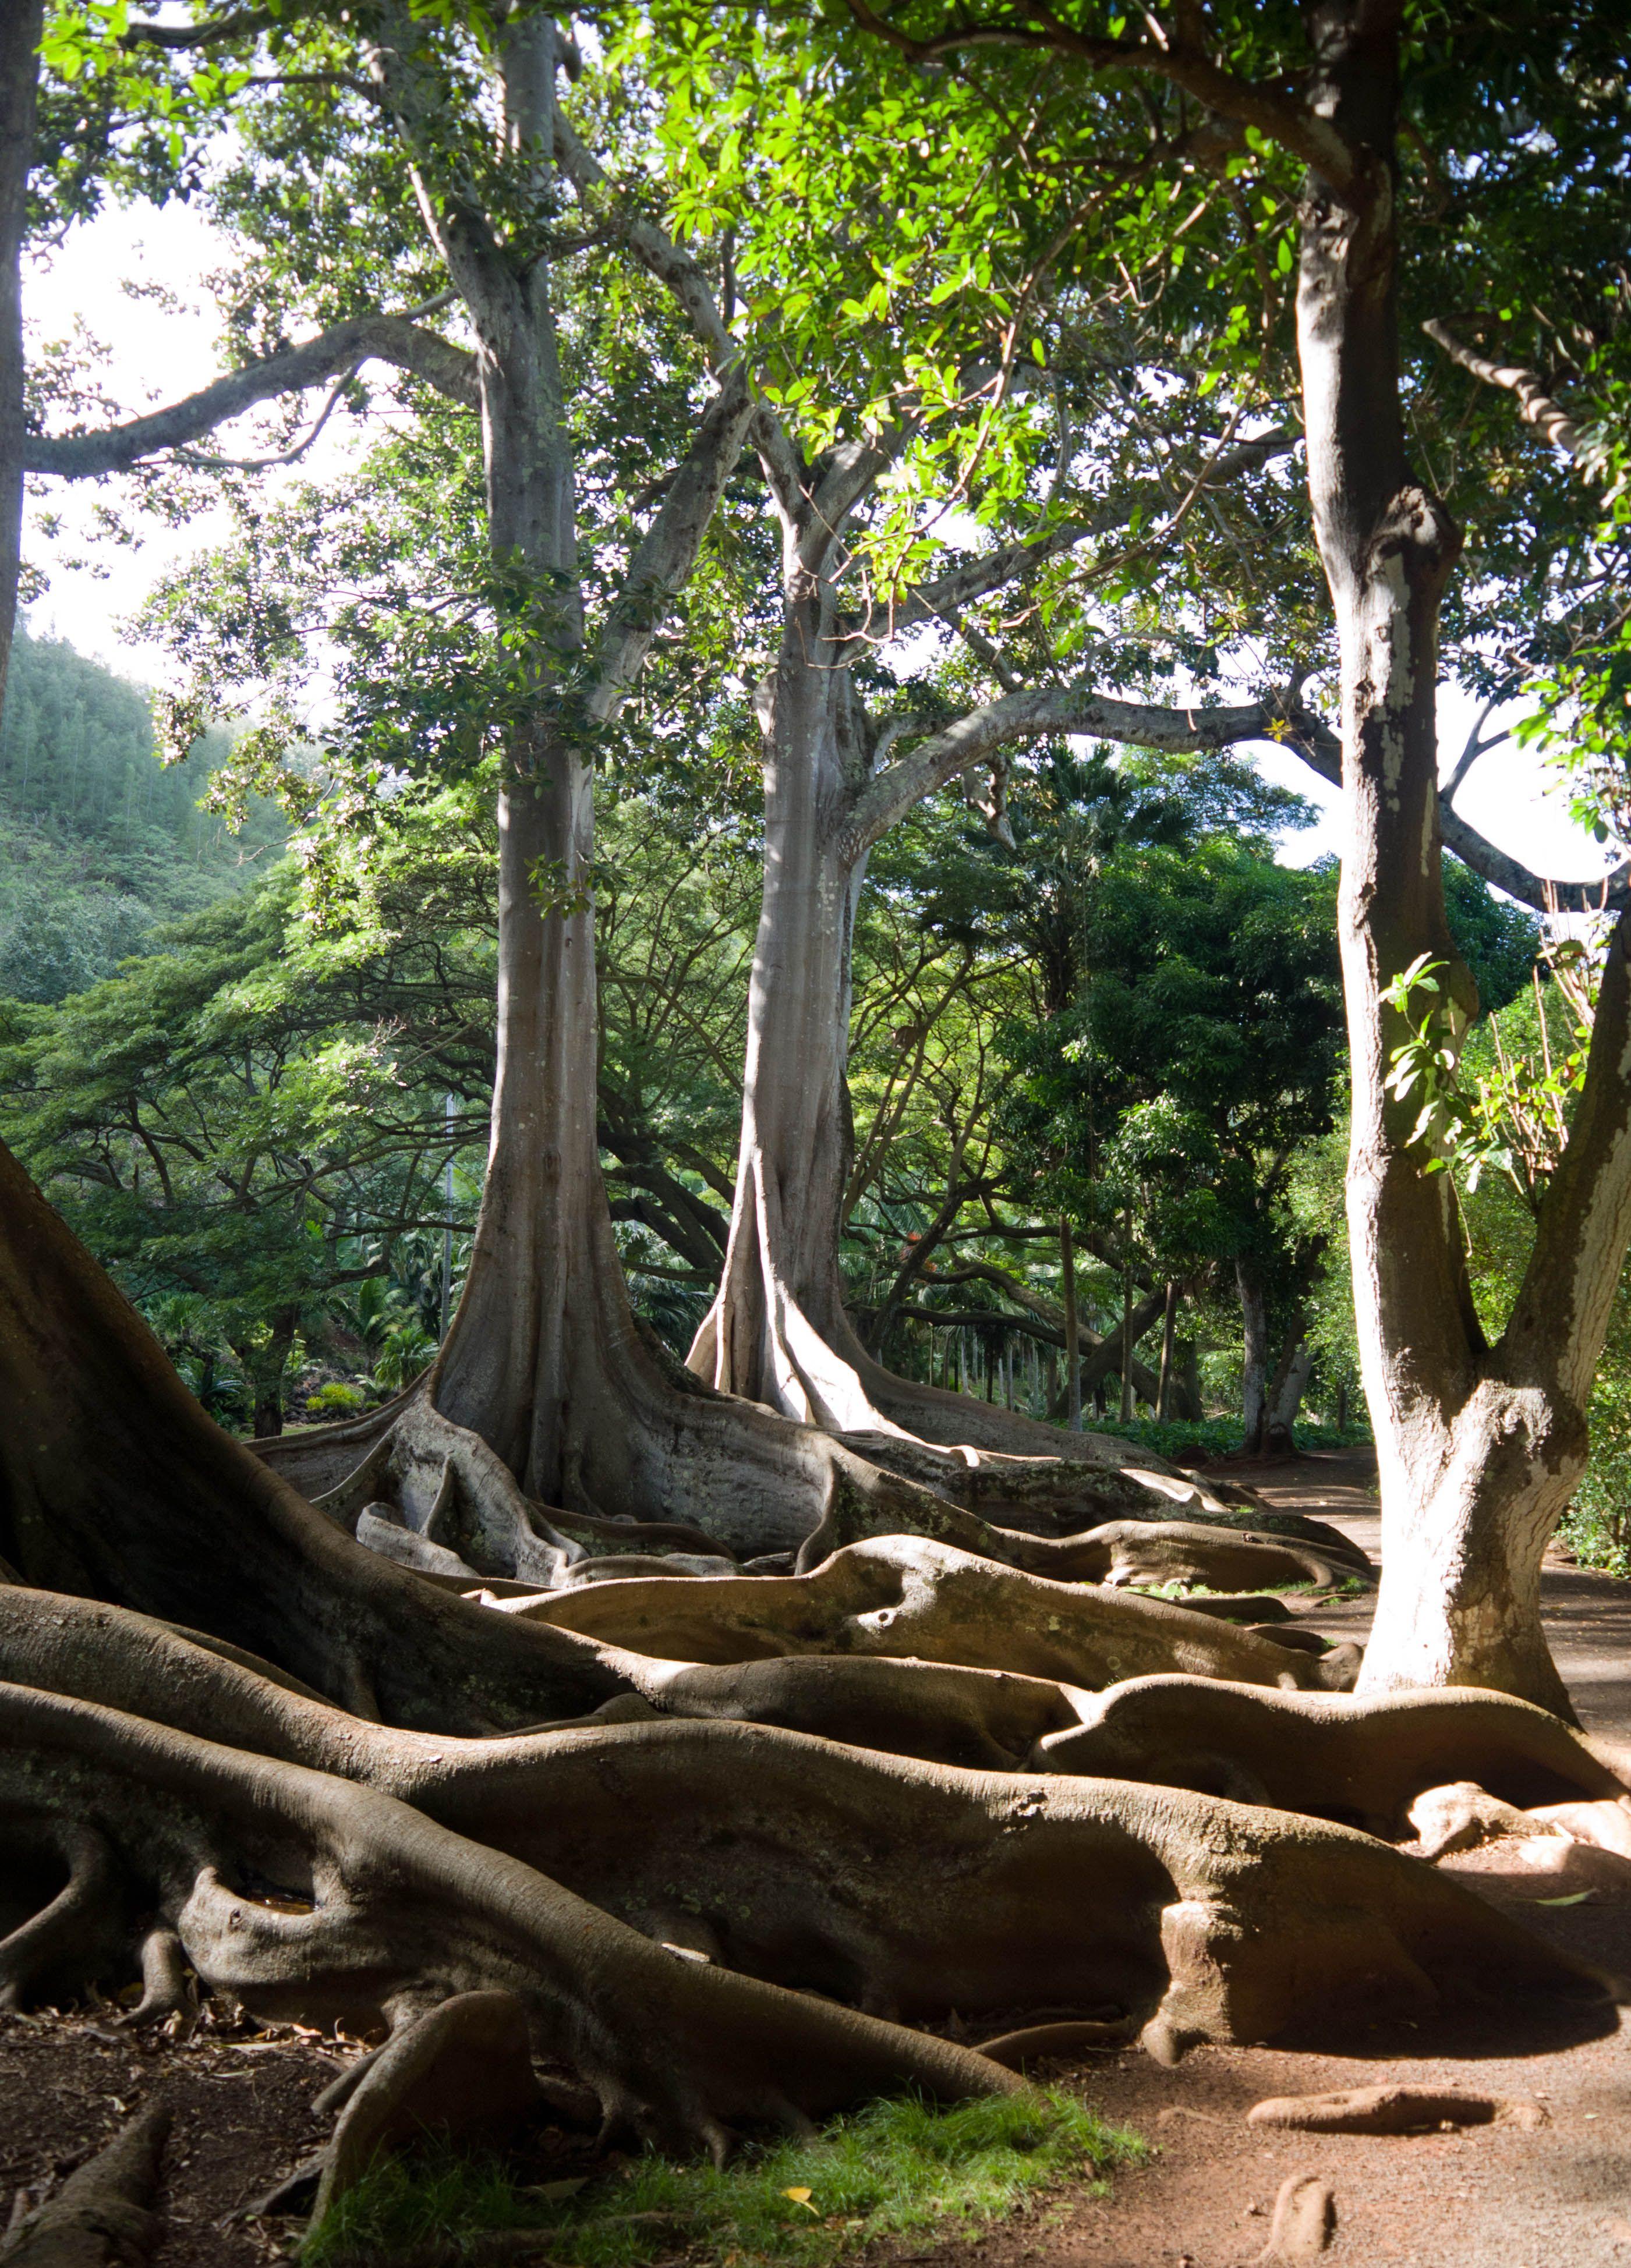 Allerton Garden, National Tropical Botanical Garden: Kauai, Hawaii